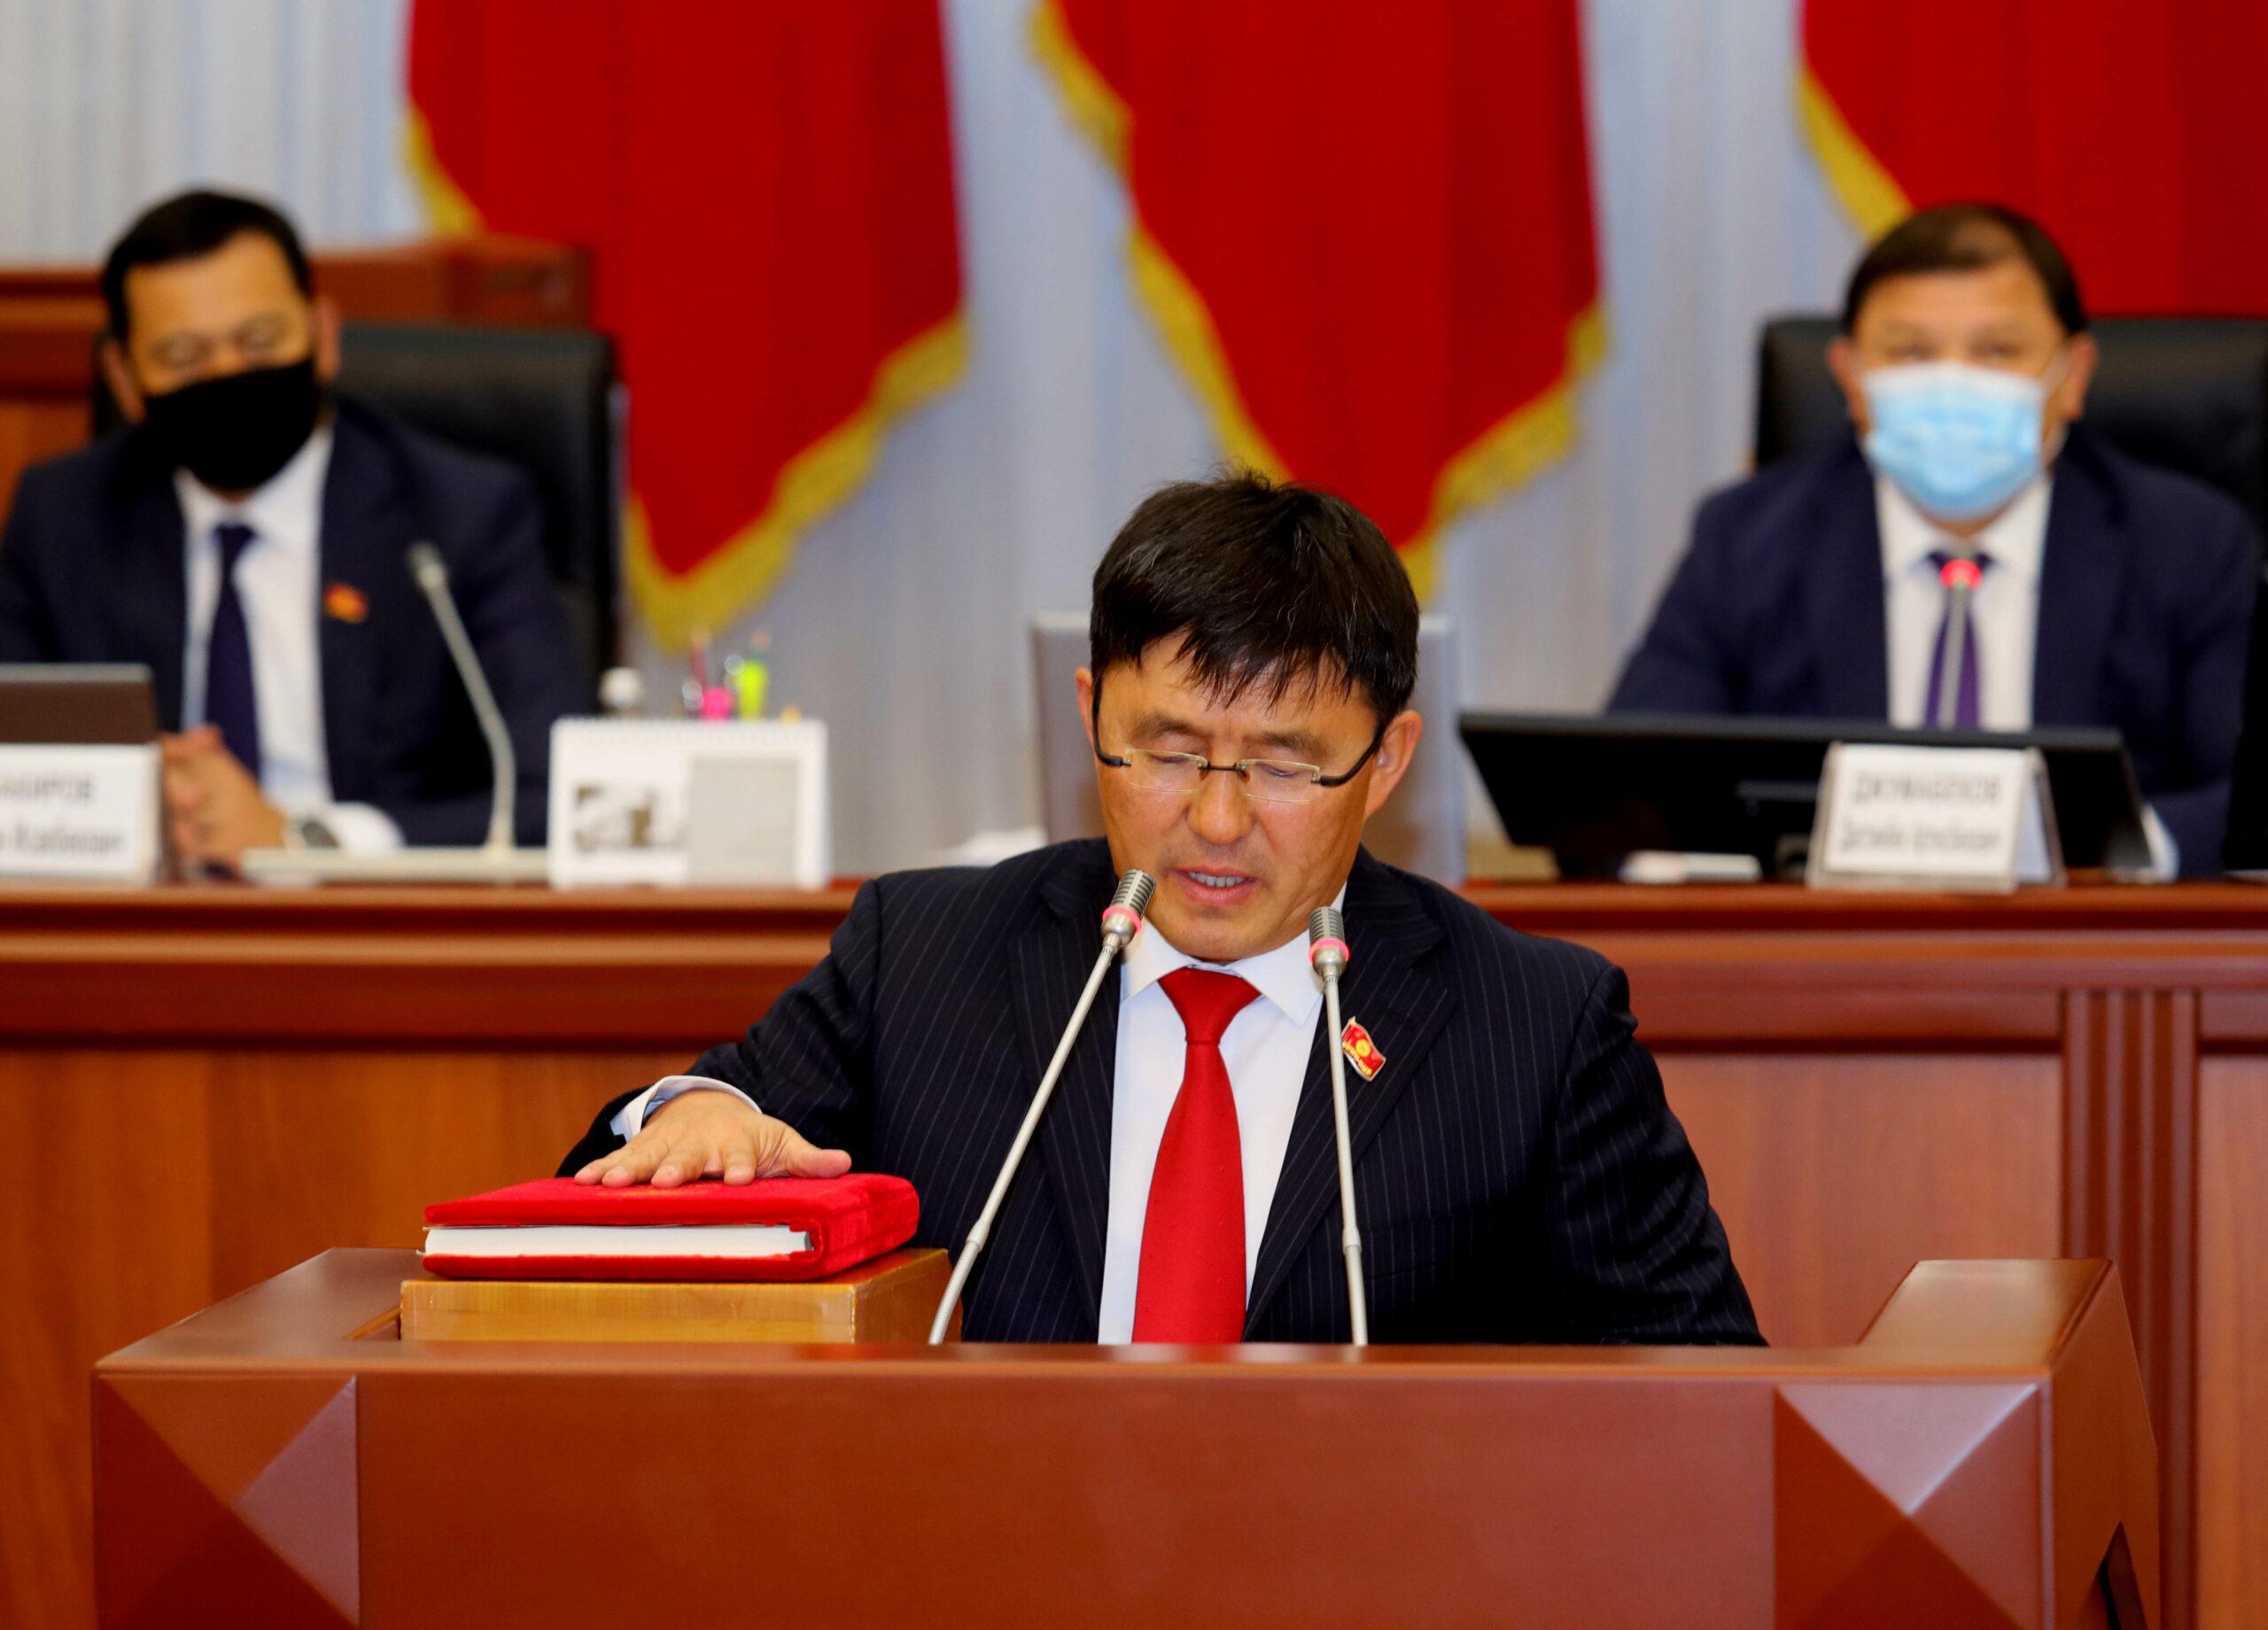 Жогорку Кеңештин 7 жаӊы депутаты парламентте ант берди — сүрөттөр